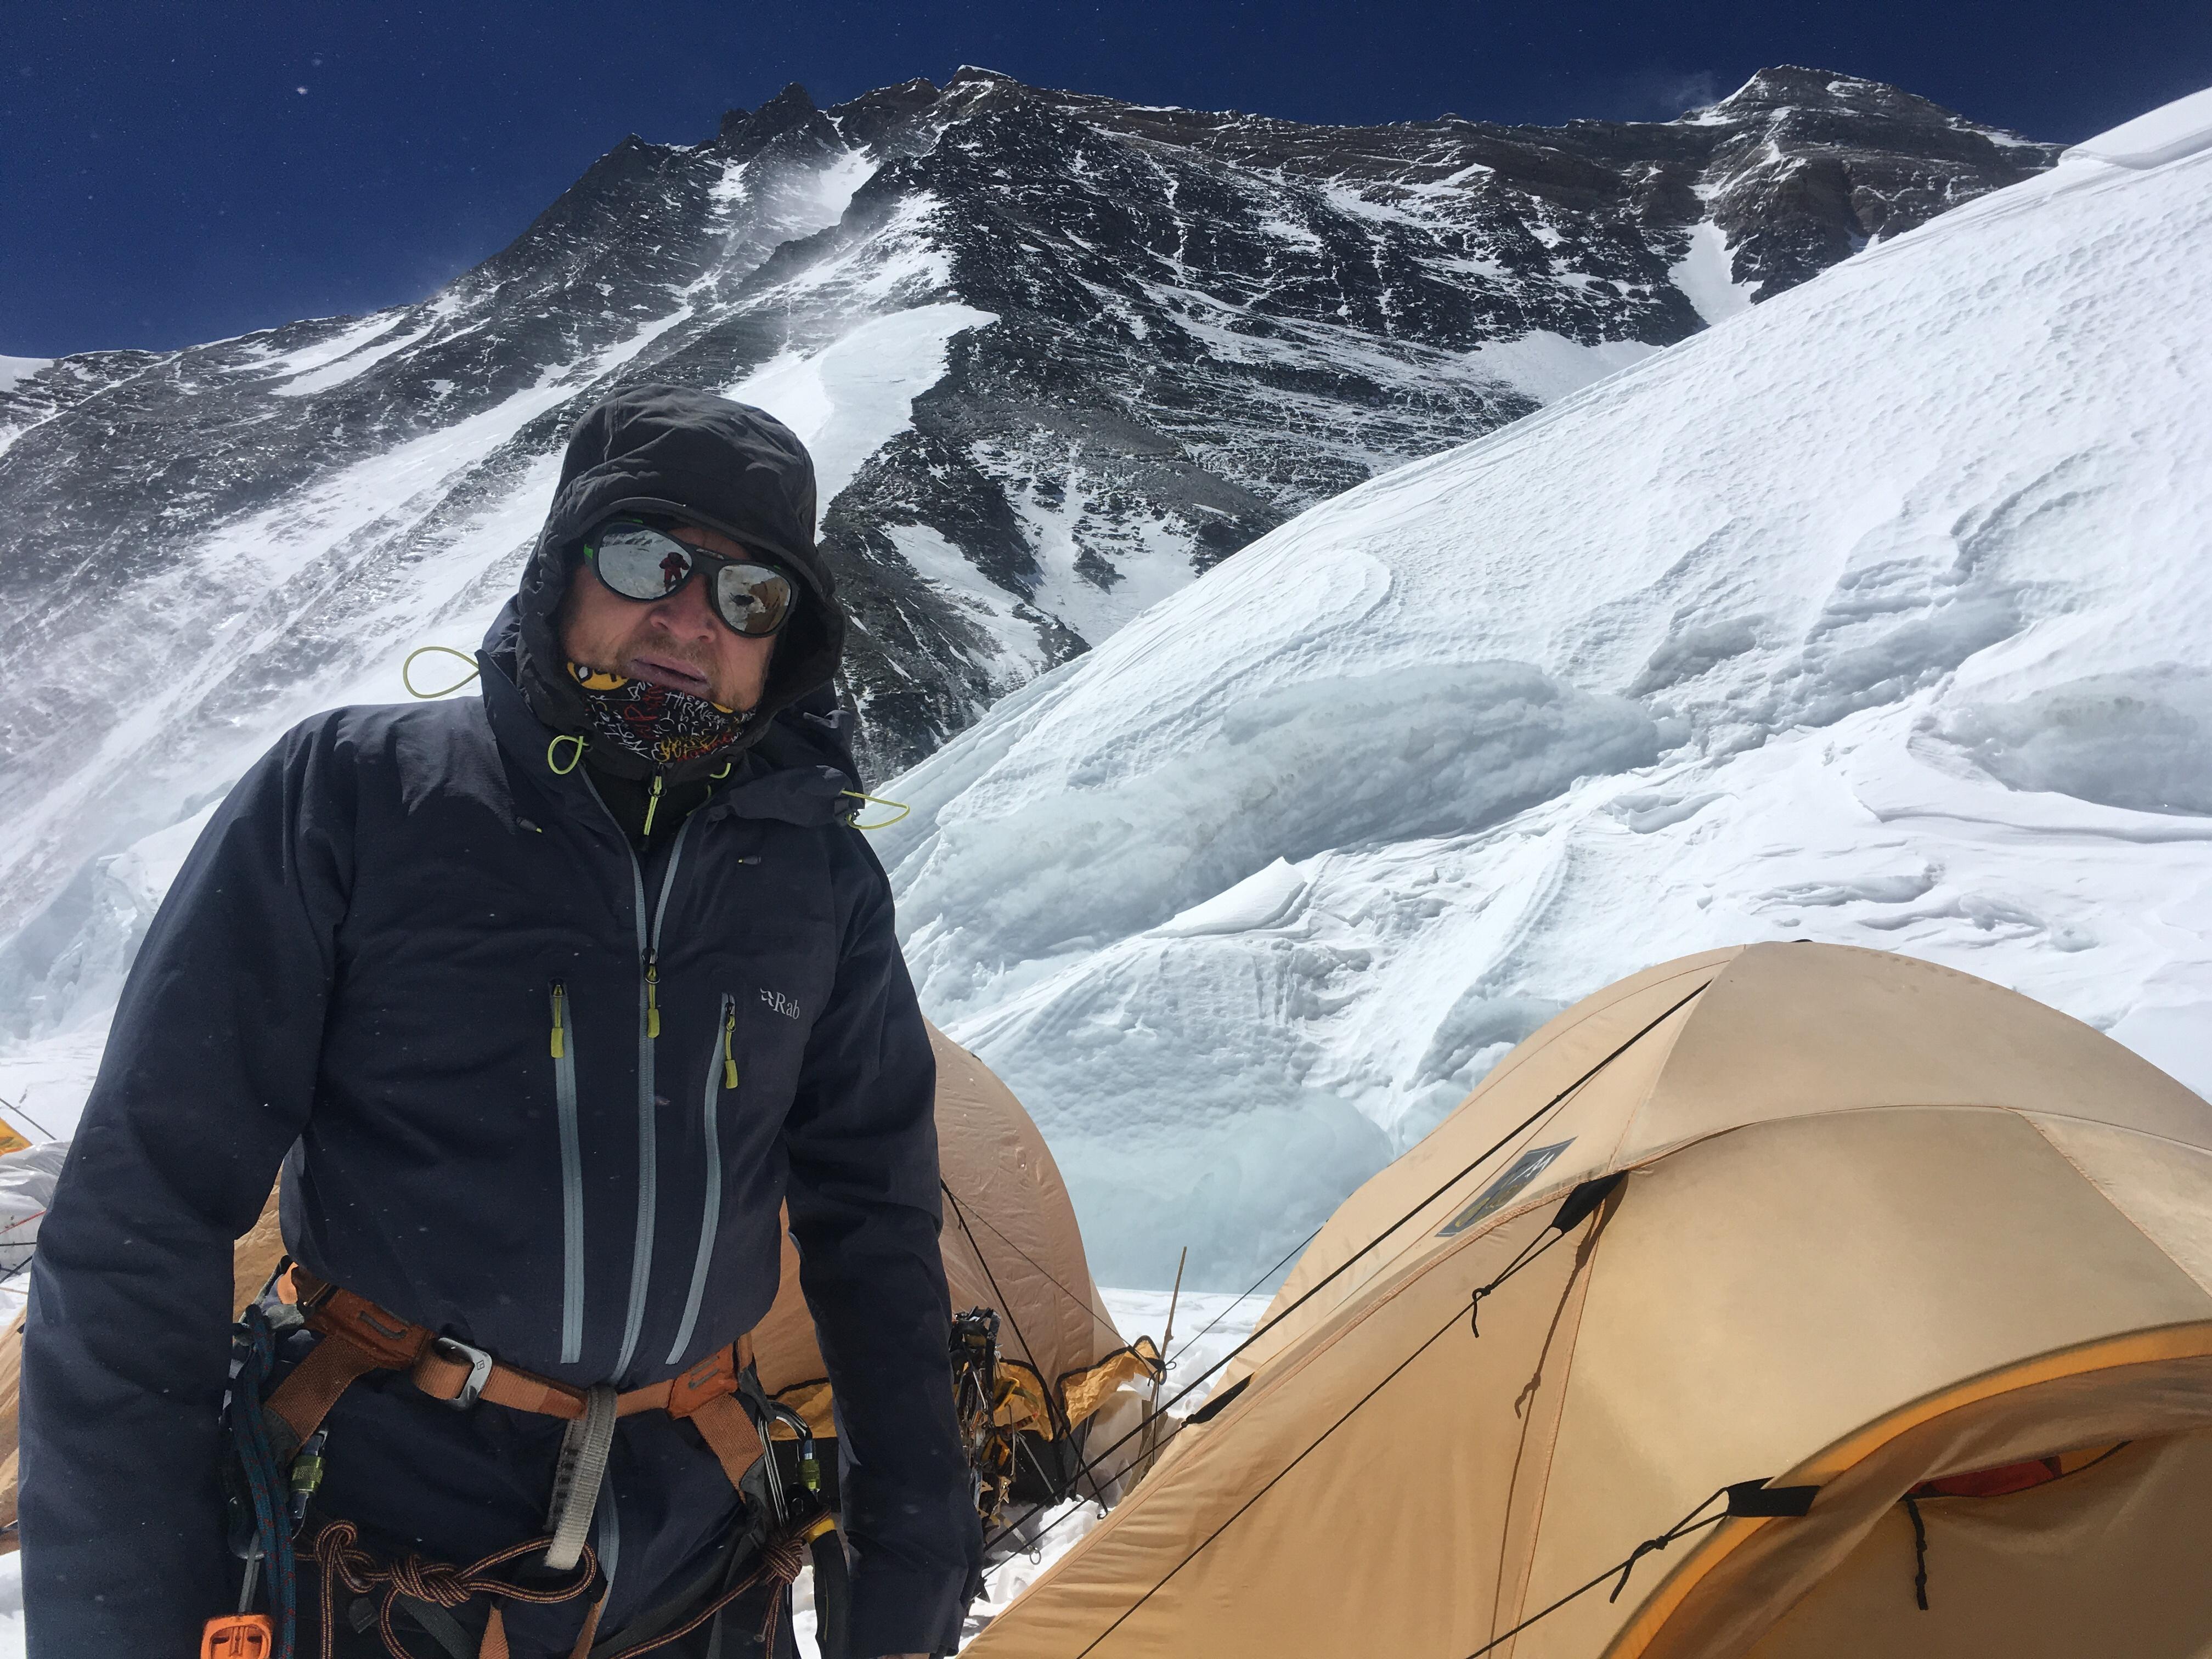 Наш лагерь на Северном Седле. Сзади справа от меня - вершина Эвереста. Чуть ниже - кулуар Месснера